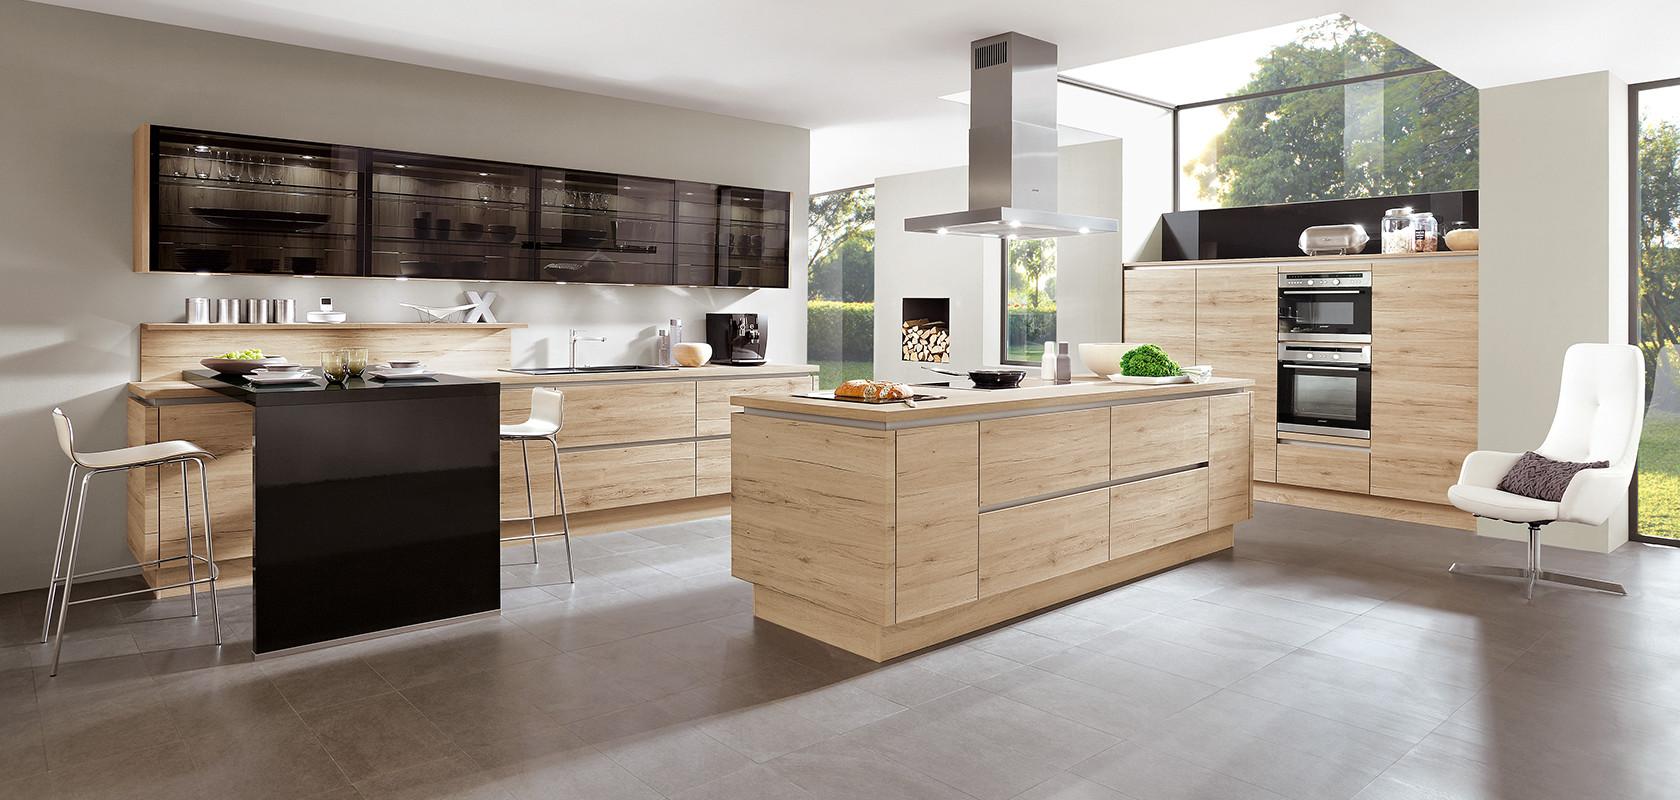 Küchenstudio  Küchen Nordhorn, Möbel Nordhorn - Möbel Faber